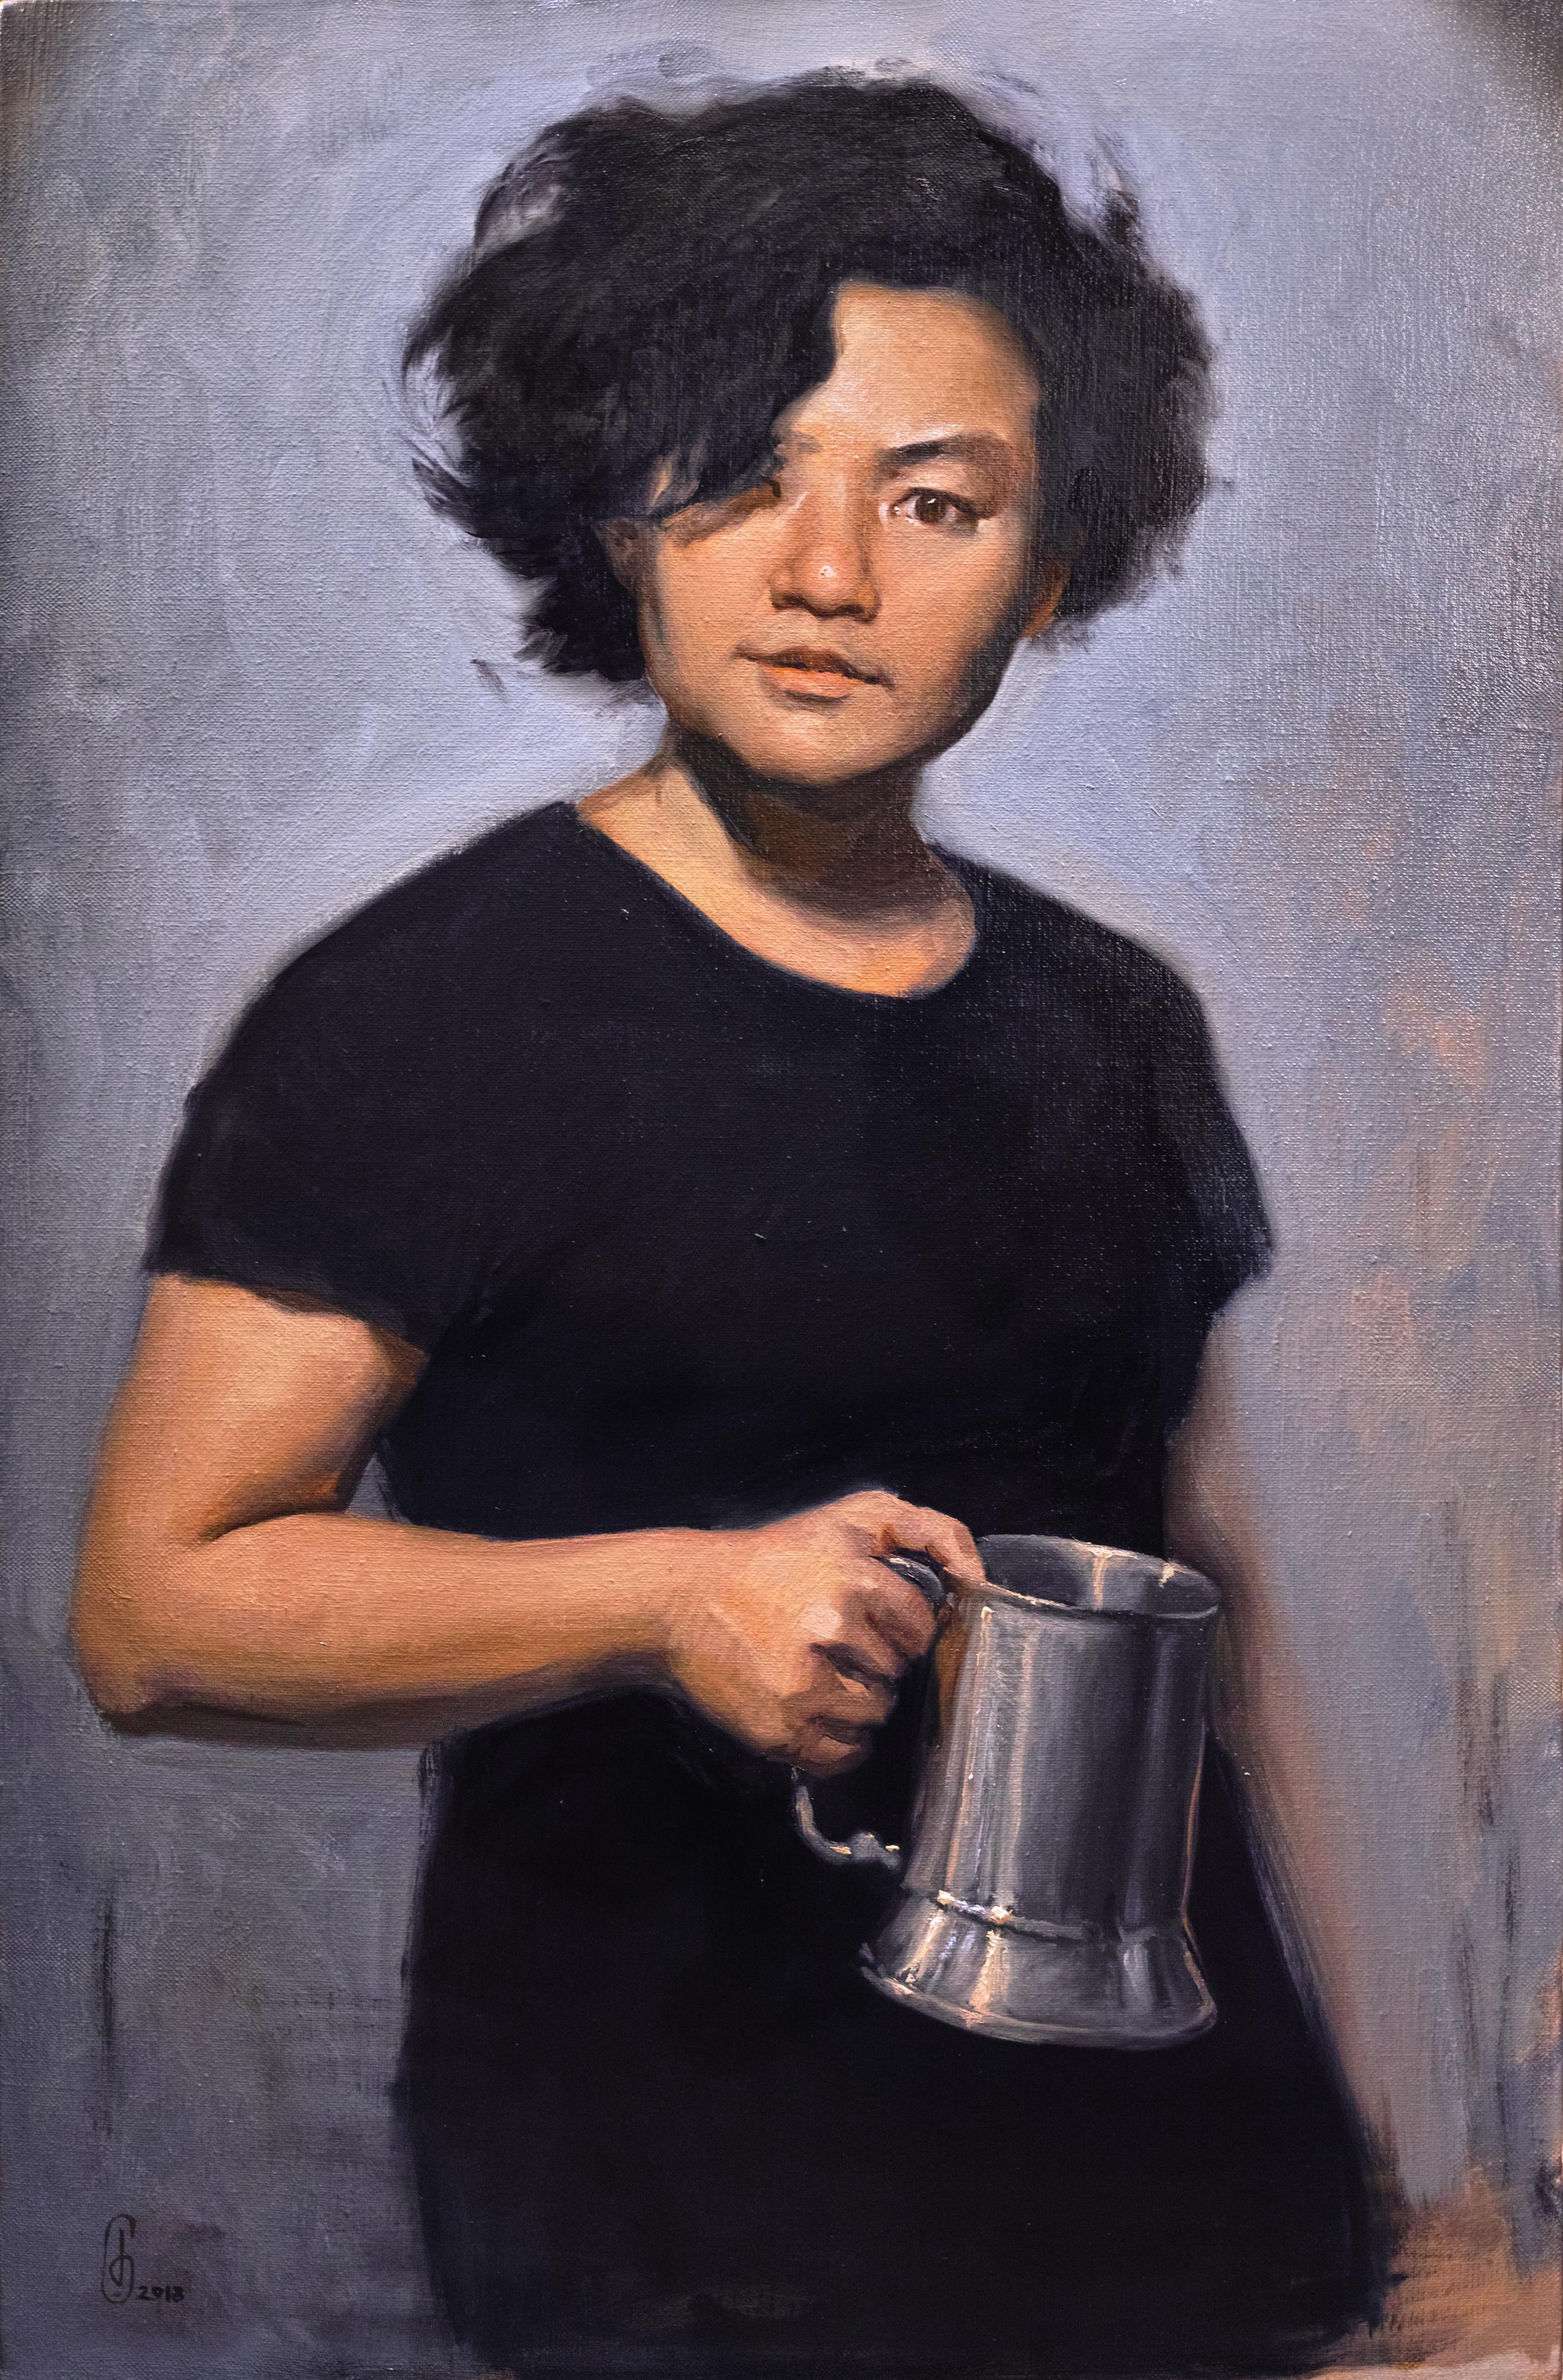 Sara Chong